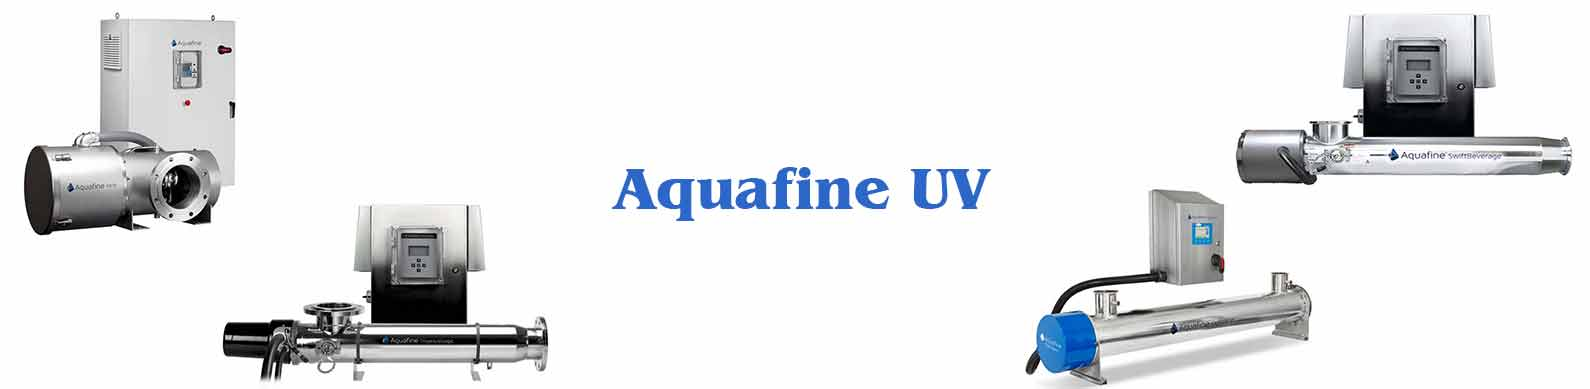 aquafine-banner-fr.jpg